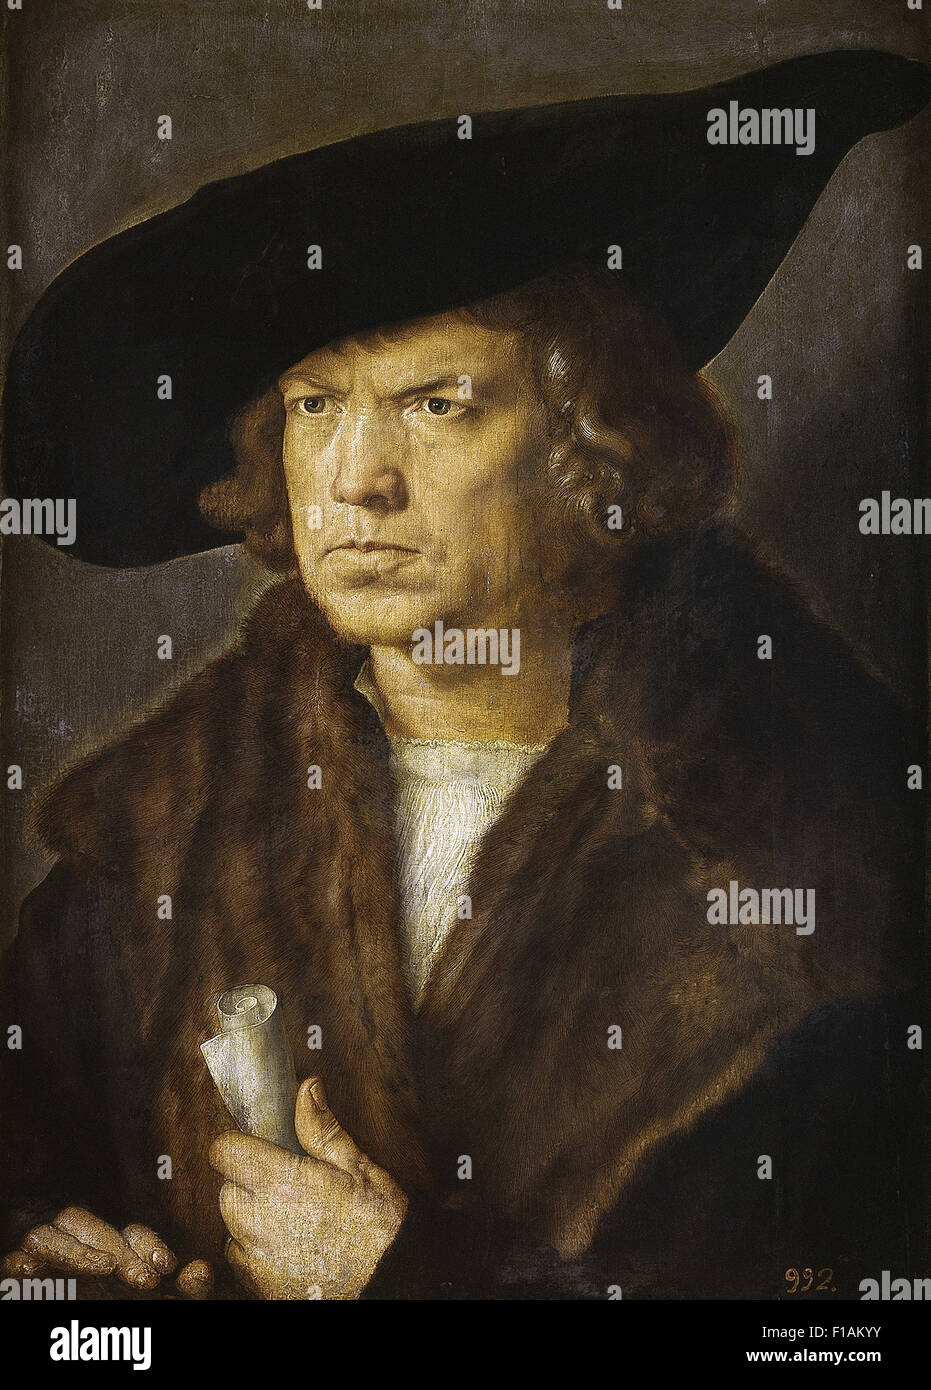 Albrecht Dürer - Portrait eines unbekannten Mannes Stockbild